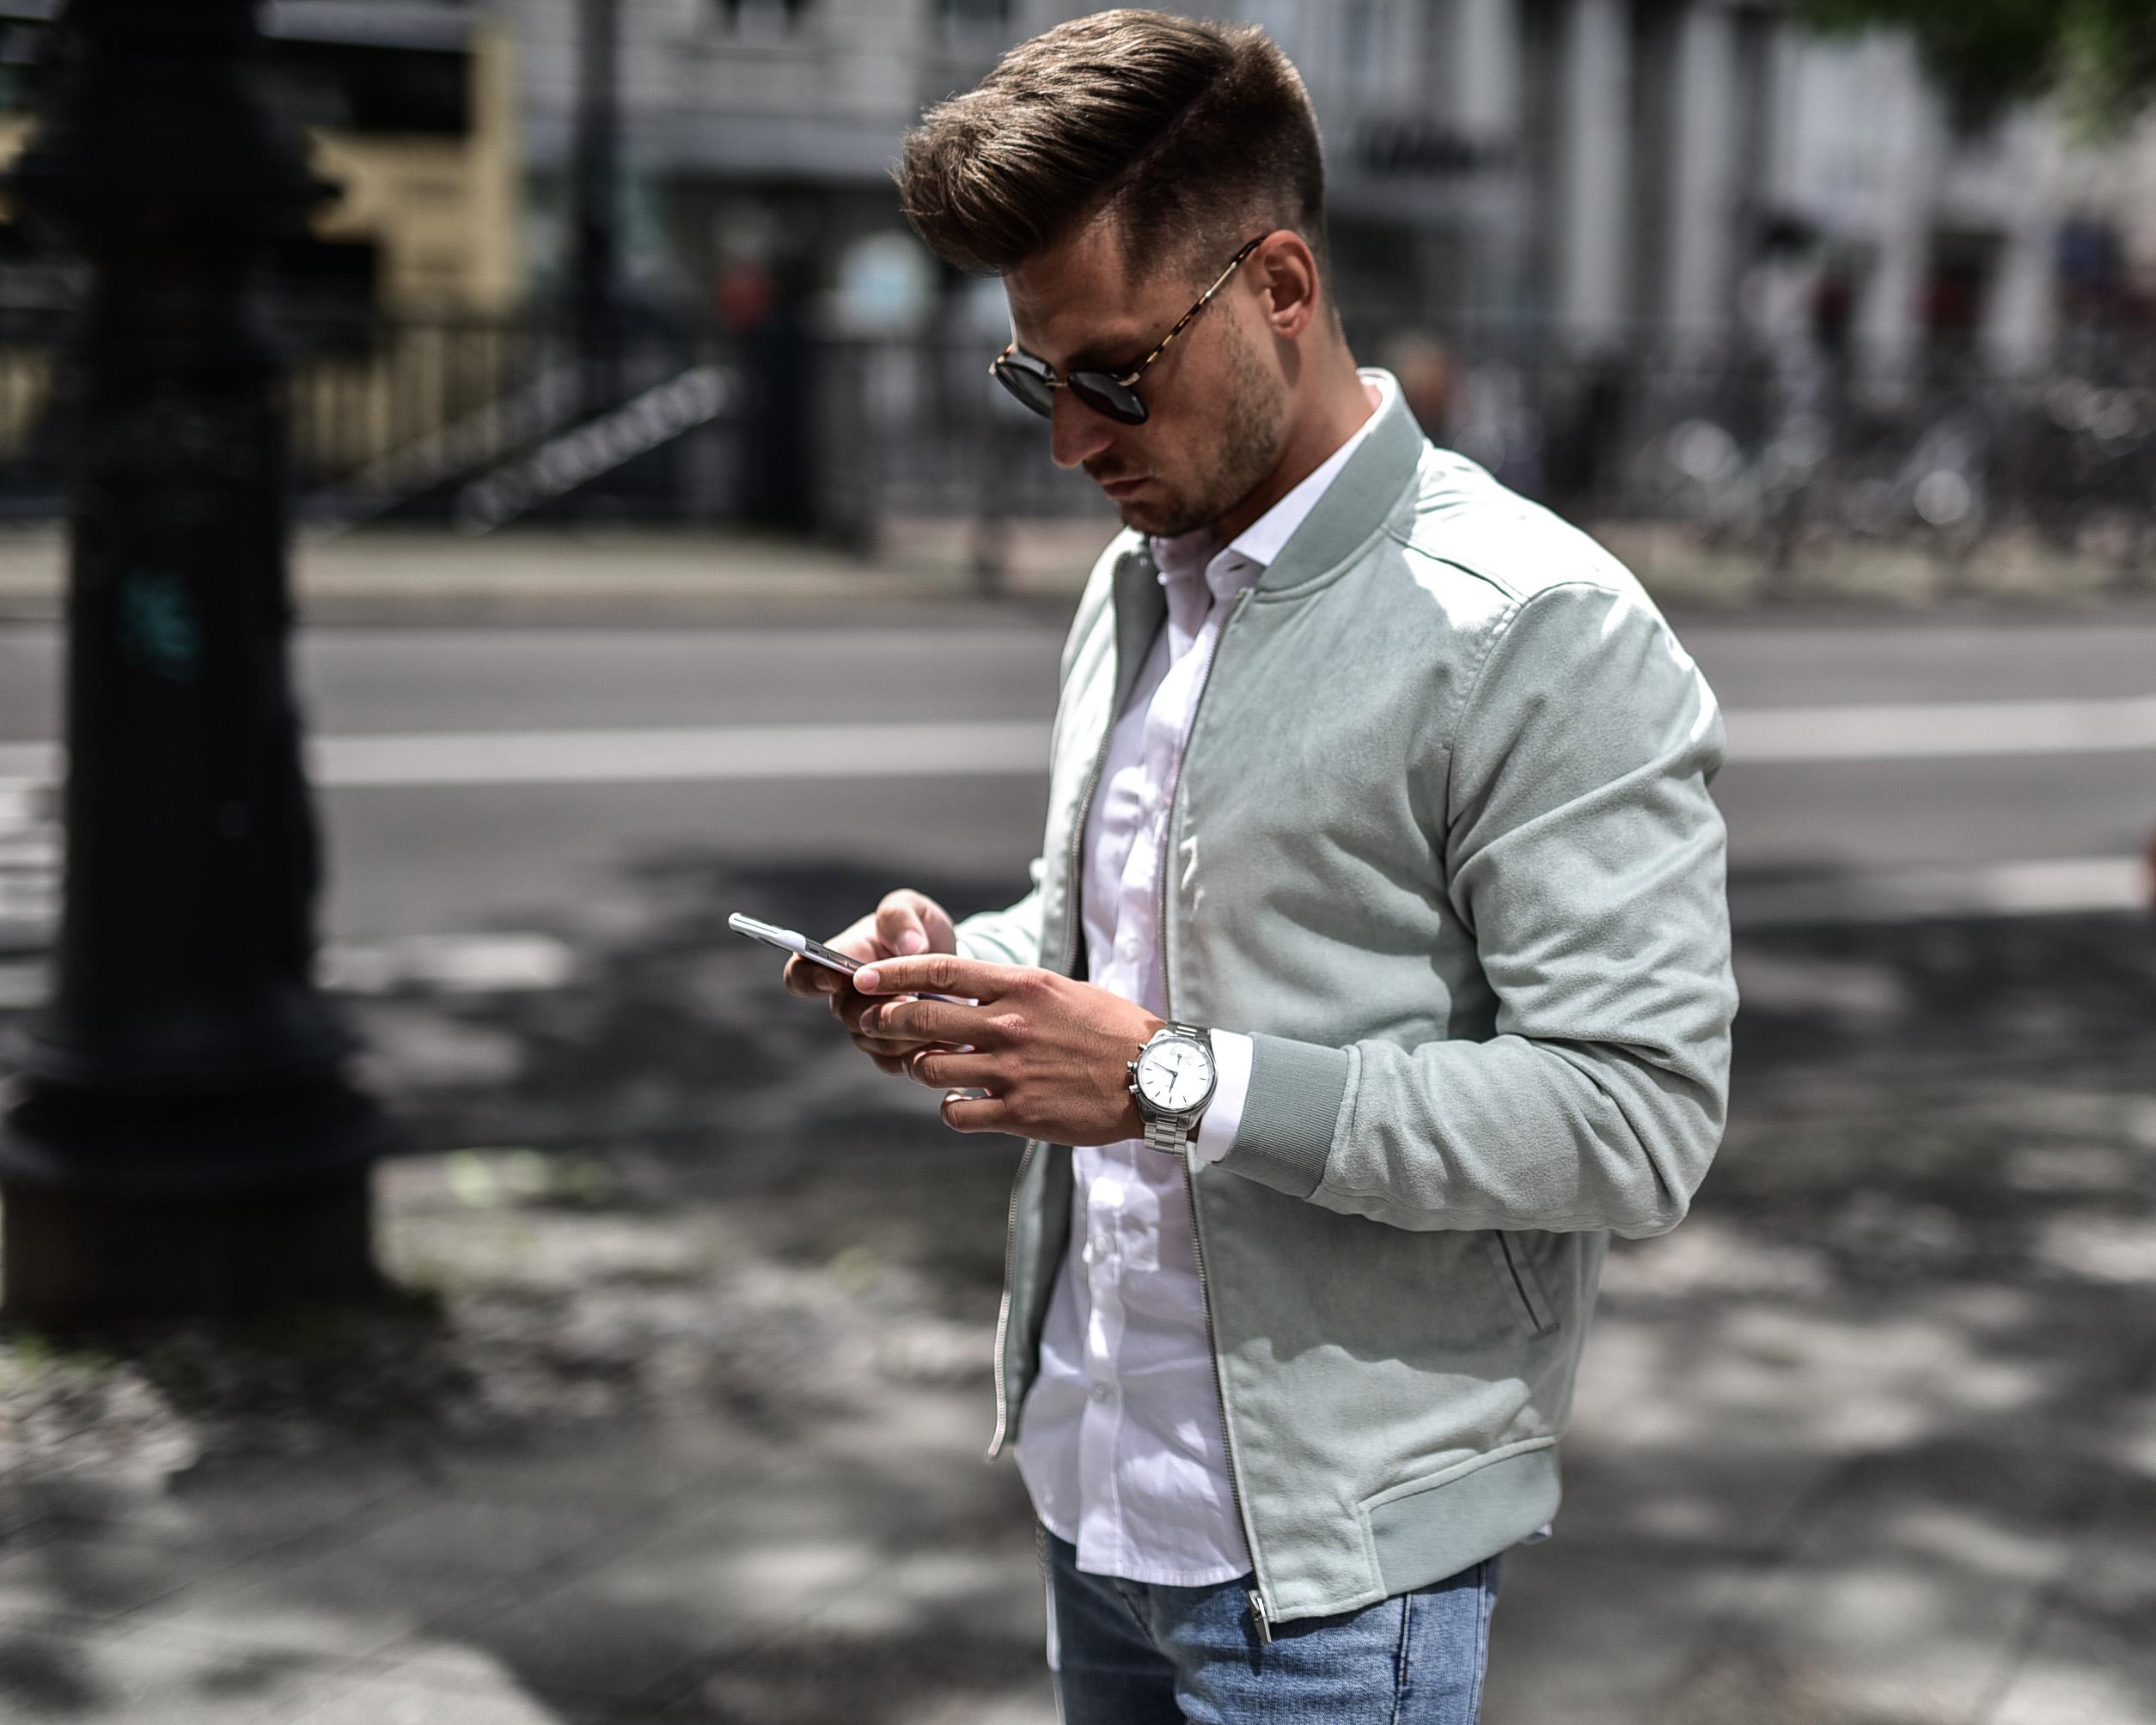 Tommeezjerry-Maennermodeblog-Maennermode-Fashionblog-Styleblog-Berlinblog--Lifestyleblog-Casualchic-Details-Timepiece-Smartwatch-Kronaby-Suede-Jacket-Gucci-Sneaker